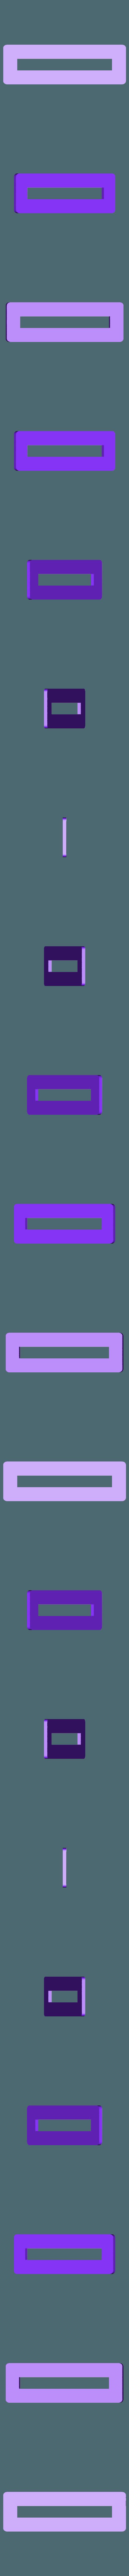 Panel.STL Télécharger fichier STL gratuit Support pour carte SD d'extension • Modèle pour imprimante 3D, perinski